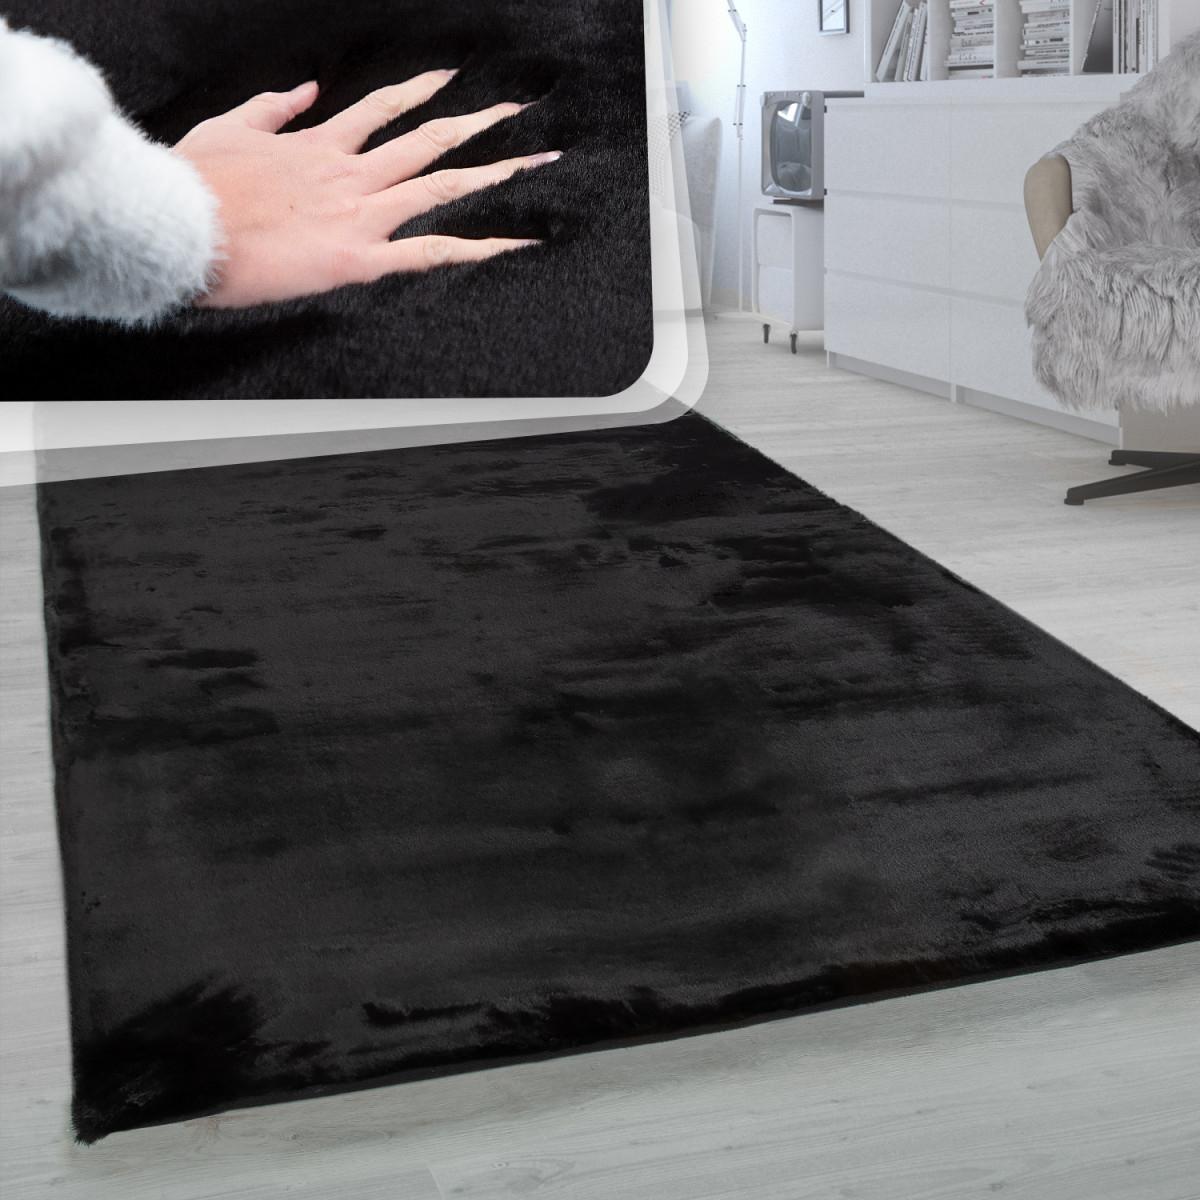 Details Zu Hochflorteppich Shaggyteppich Für Wohnzimmer Weich  Einfarbig In Schwarz von Teppich Wohnzimmer Schwarz Photo